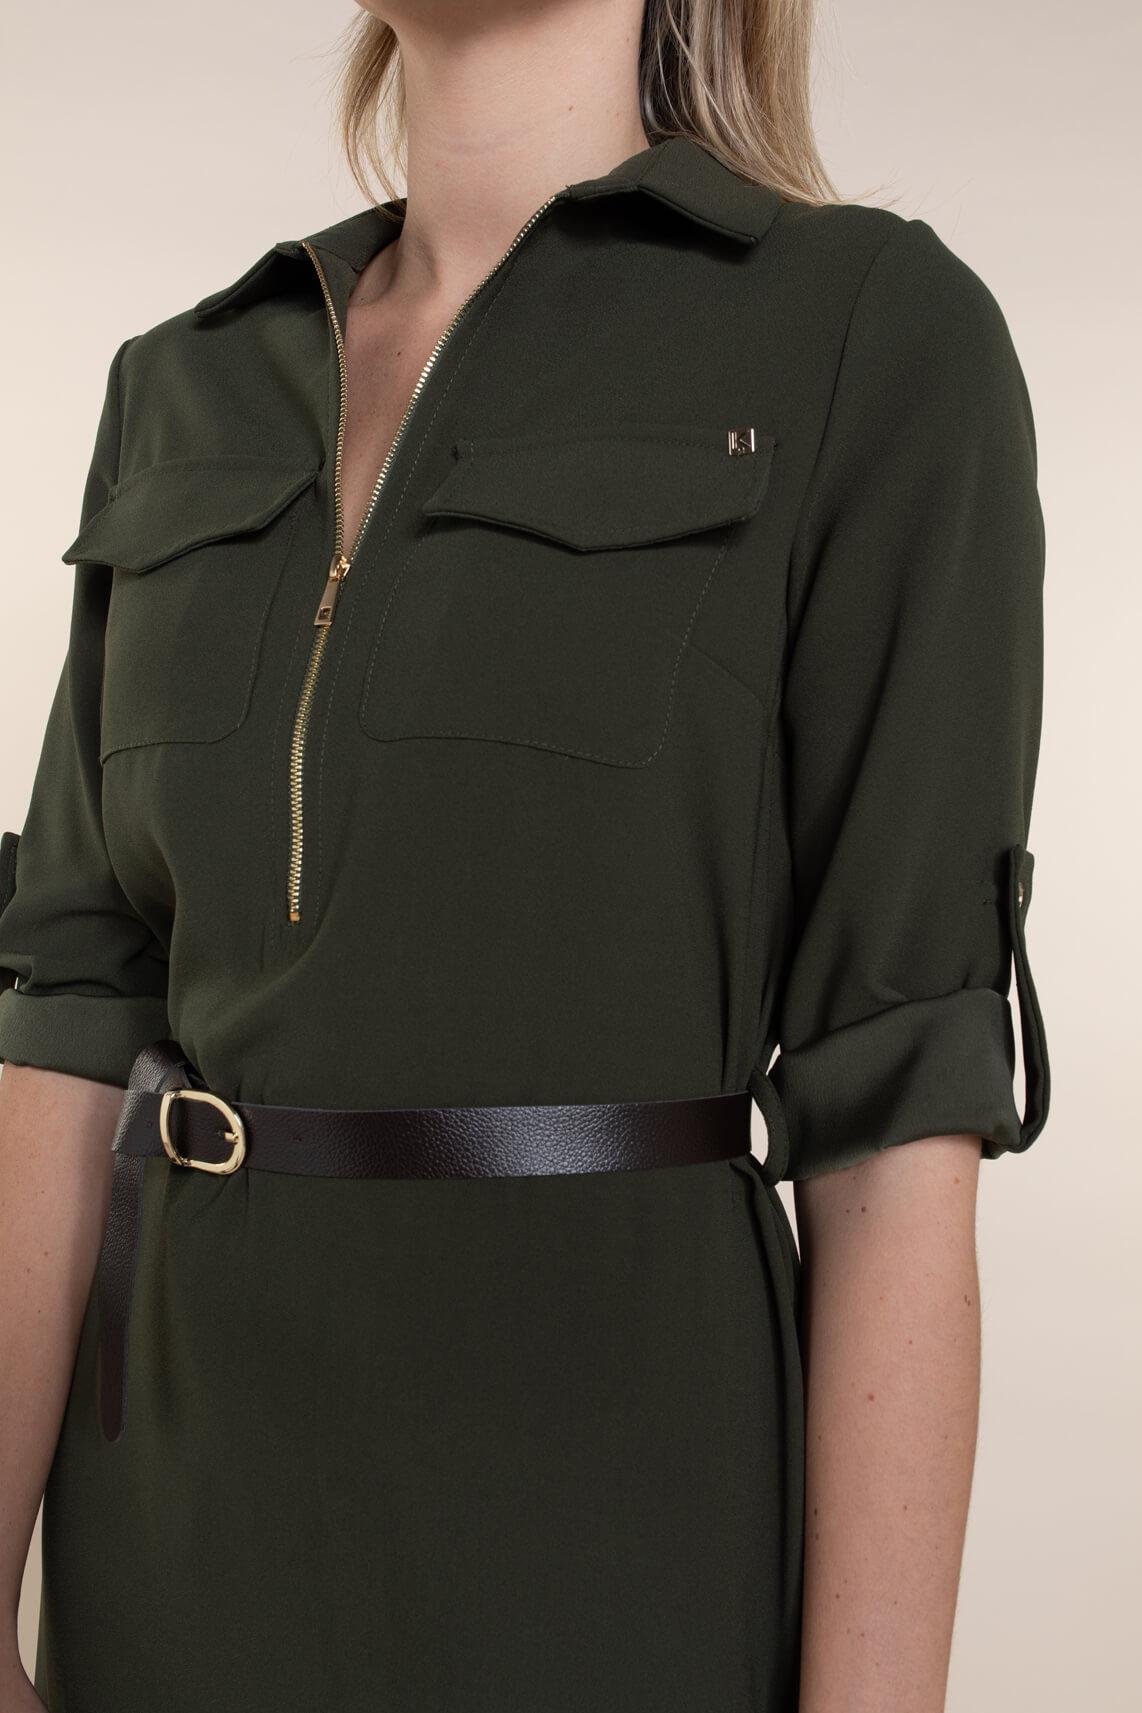 Kocca Dames Hiuta jurk groen